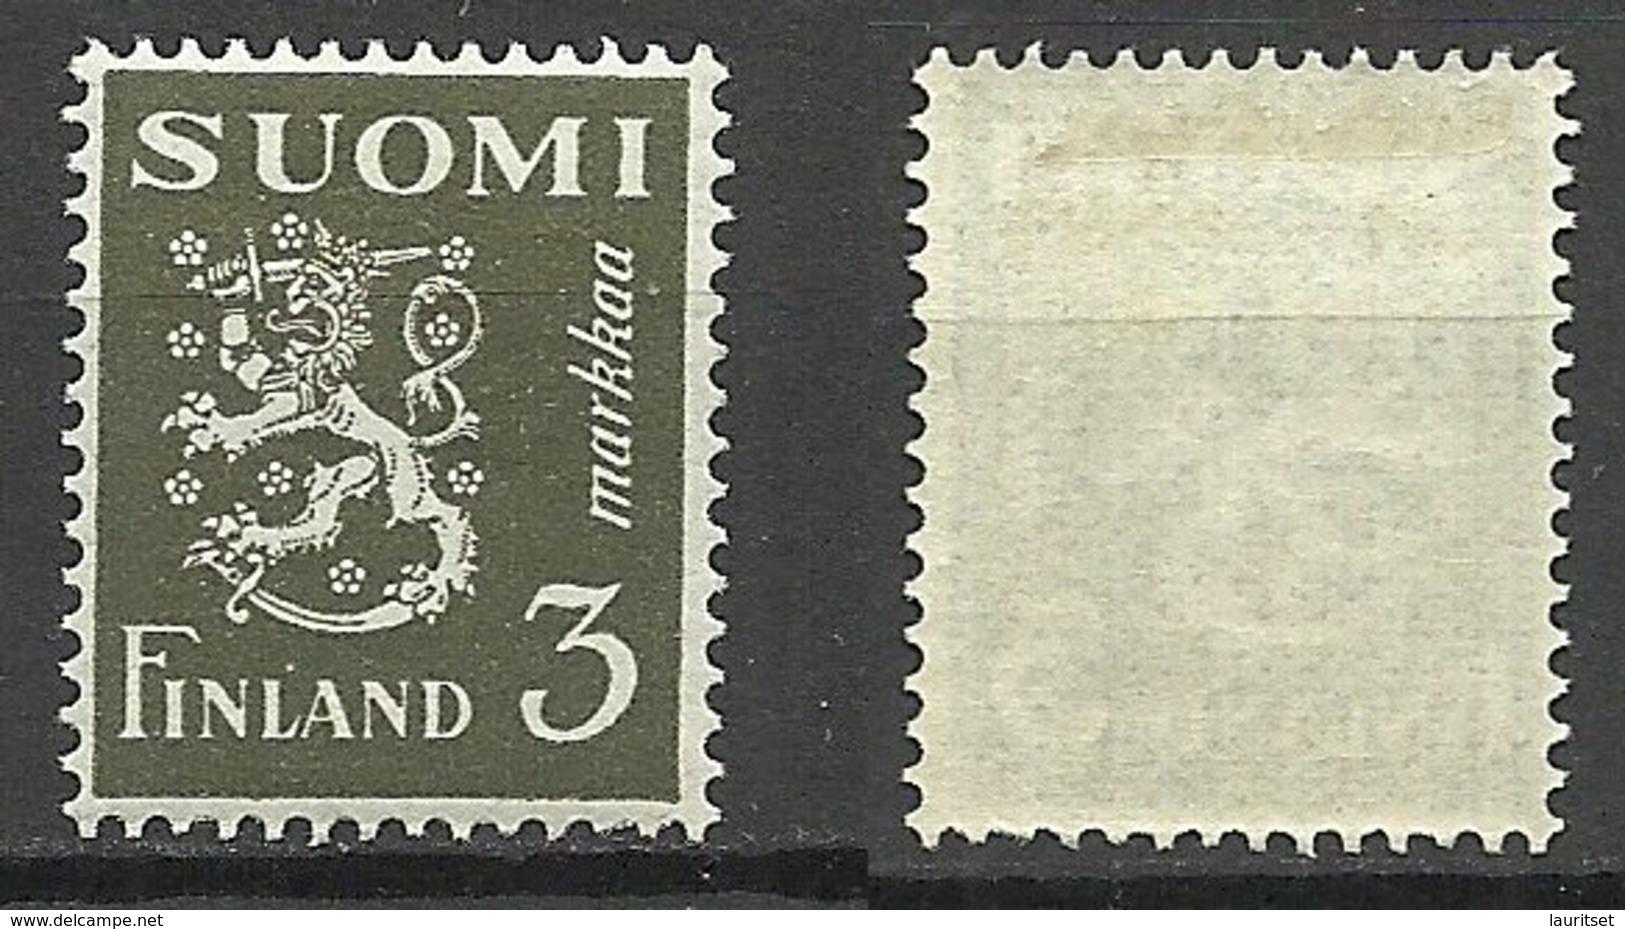 FINLAND Finnland SUOMI 1930 Michel 154 * - Ongebruikt